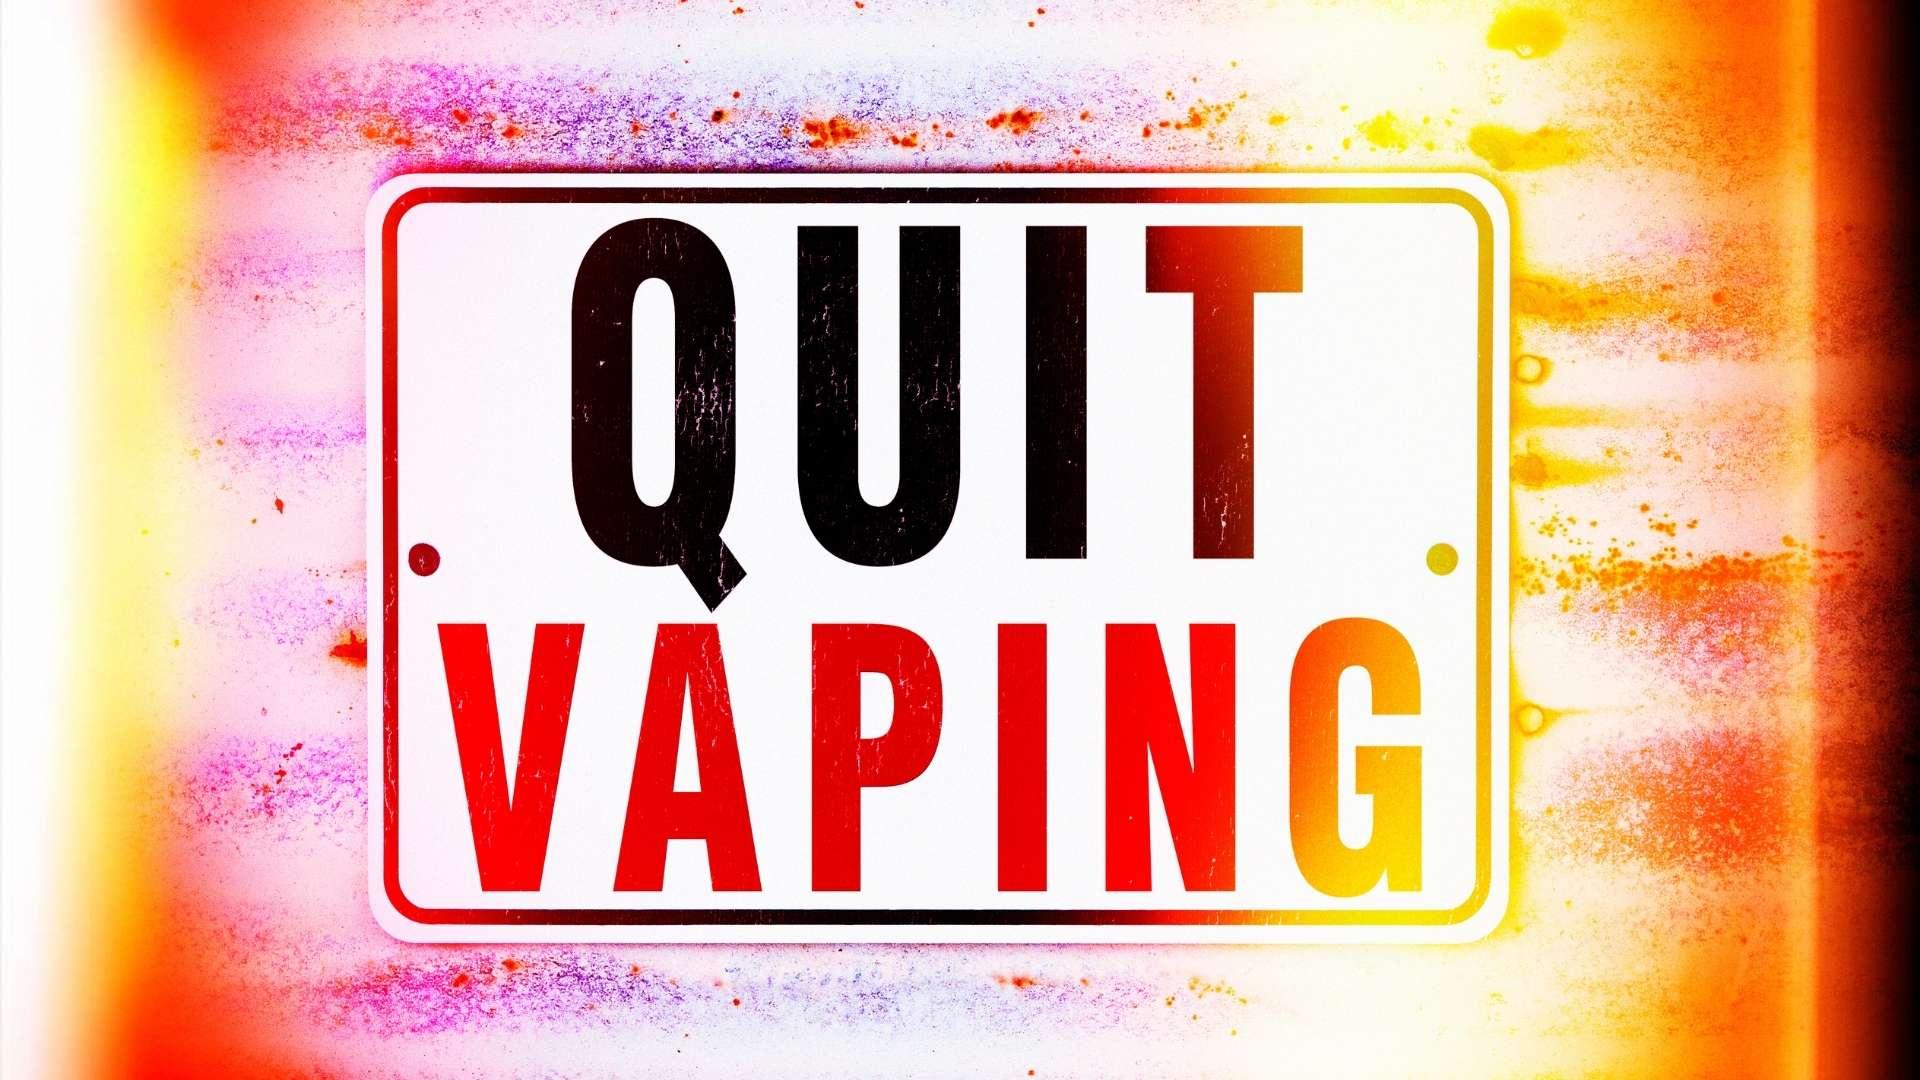 Quit_Vaping_Sign_1920x1080.jpg